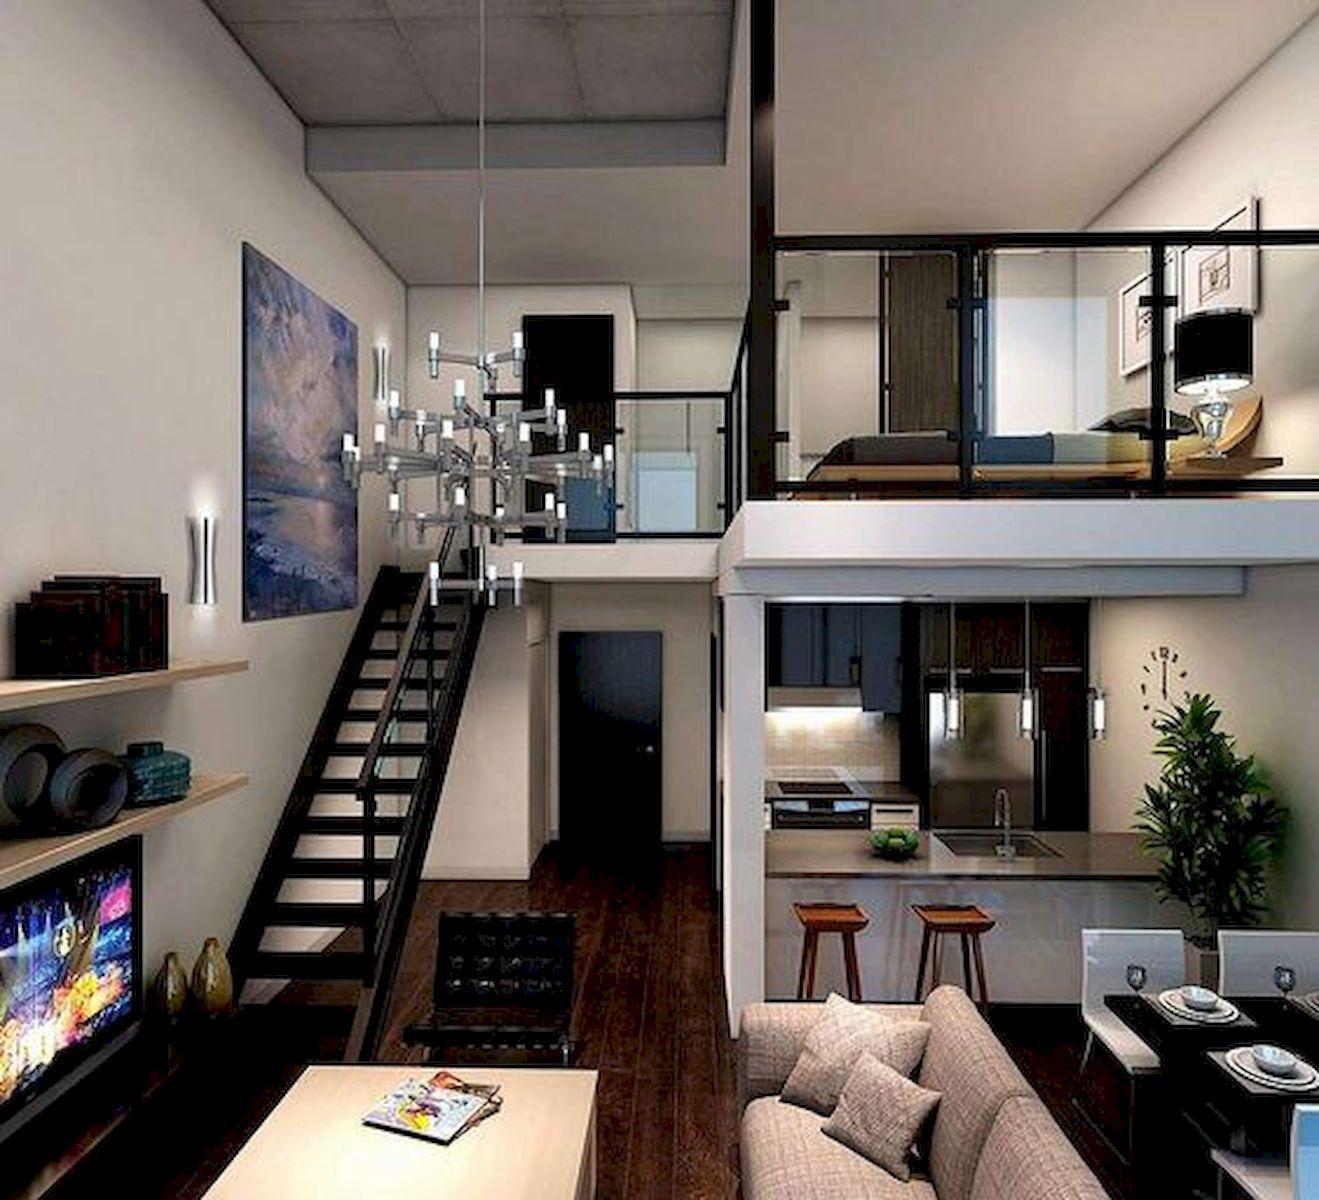 40 Rustic Studio Apartment Decor Ideas Ide Apartemen Desain